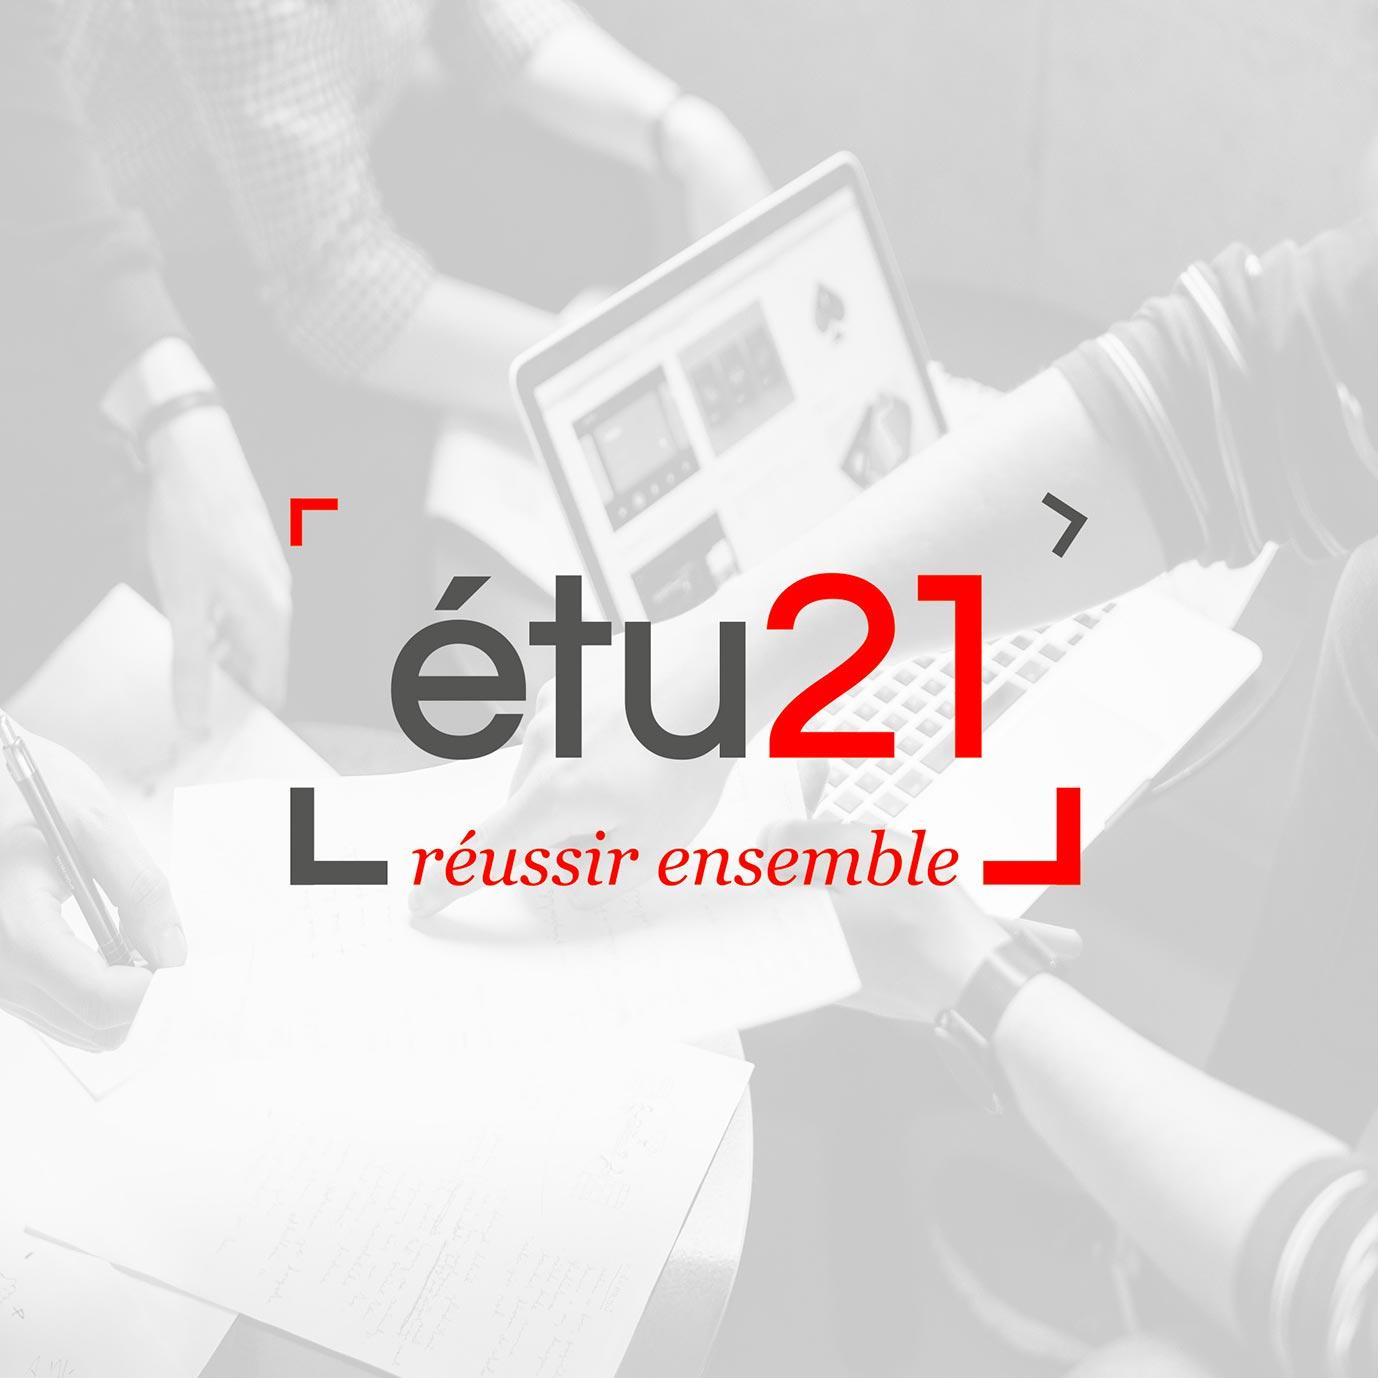 Création de logos et identités visuelles - étu21 - Graphistes freelance Hérault Montpellier Bézier Pézenas